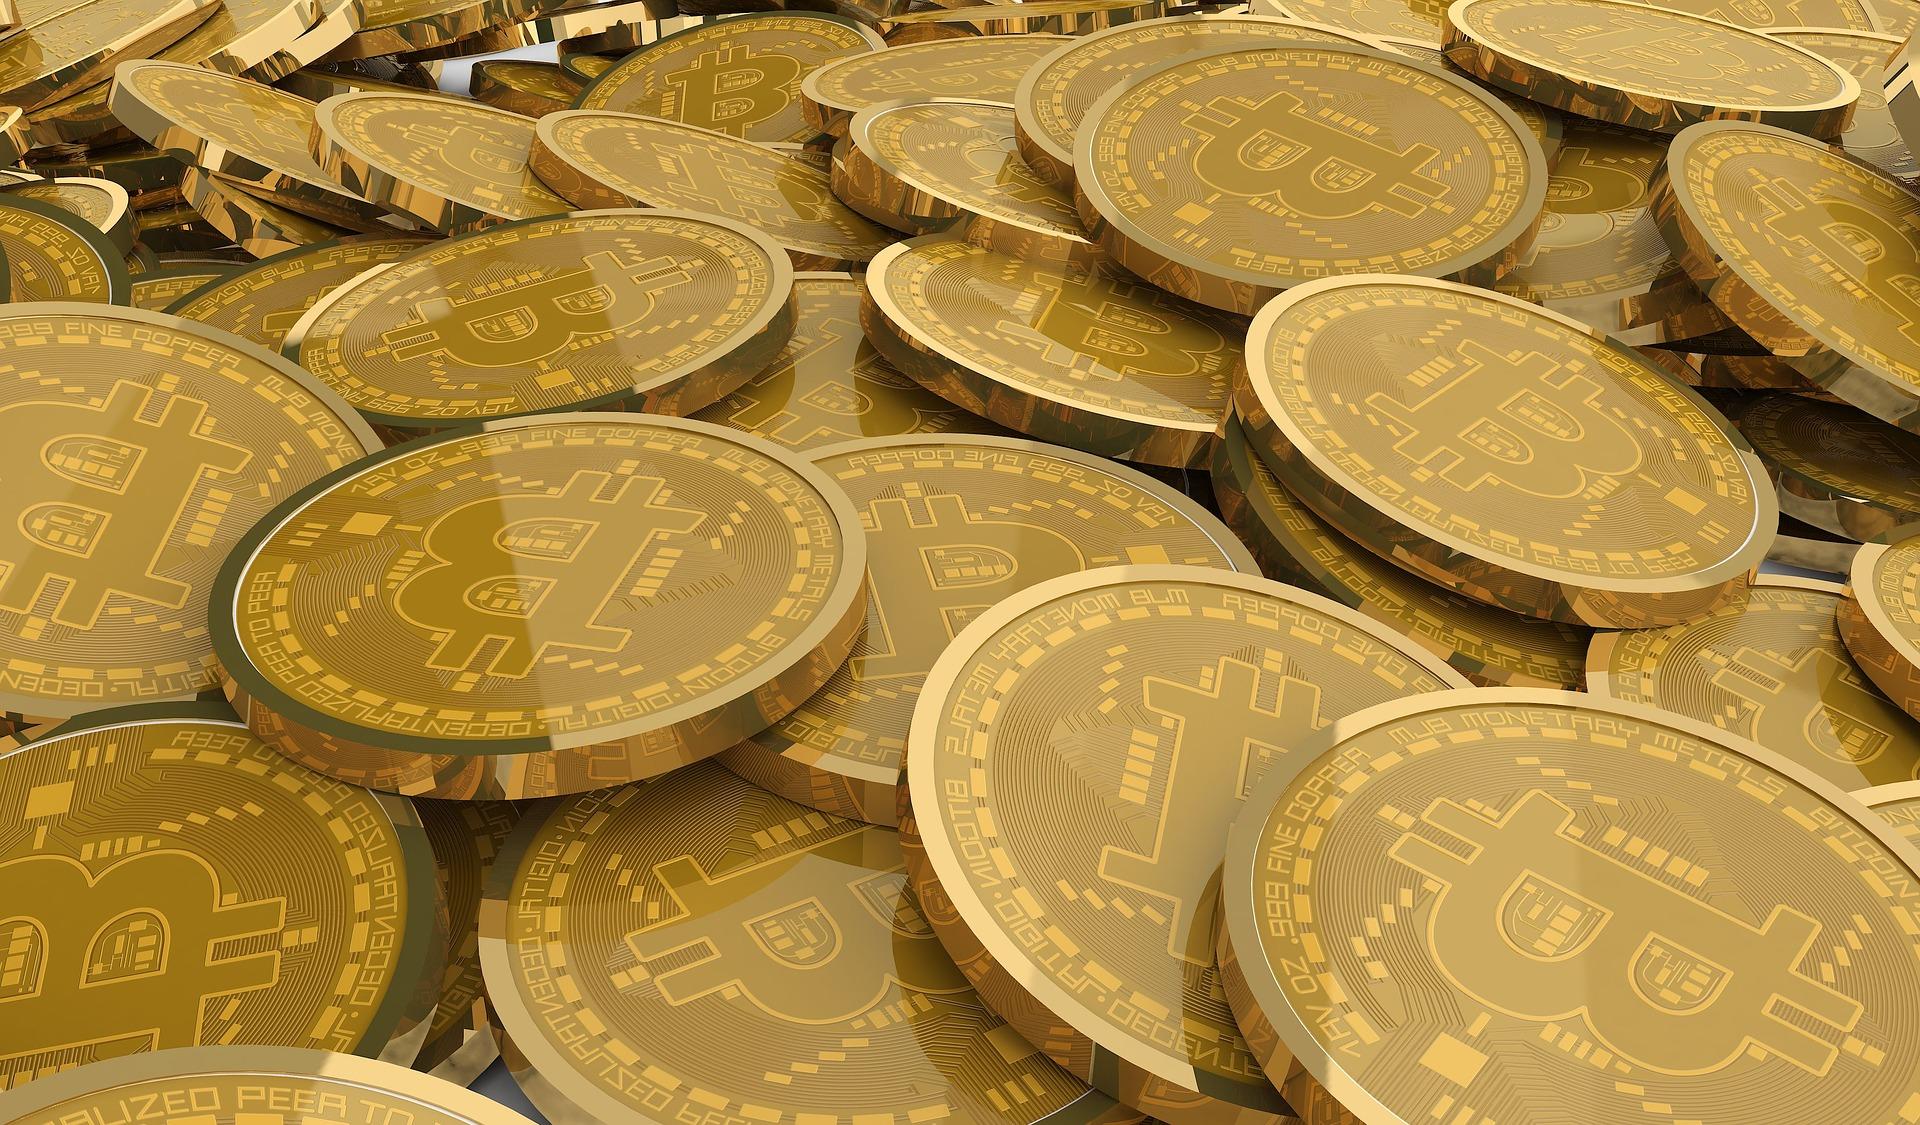 (最終更新)『ビットコイン』って儲かるの? 仮想通貨を徹底解説! 将来性も大予想! リップルの運用報告も